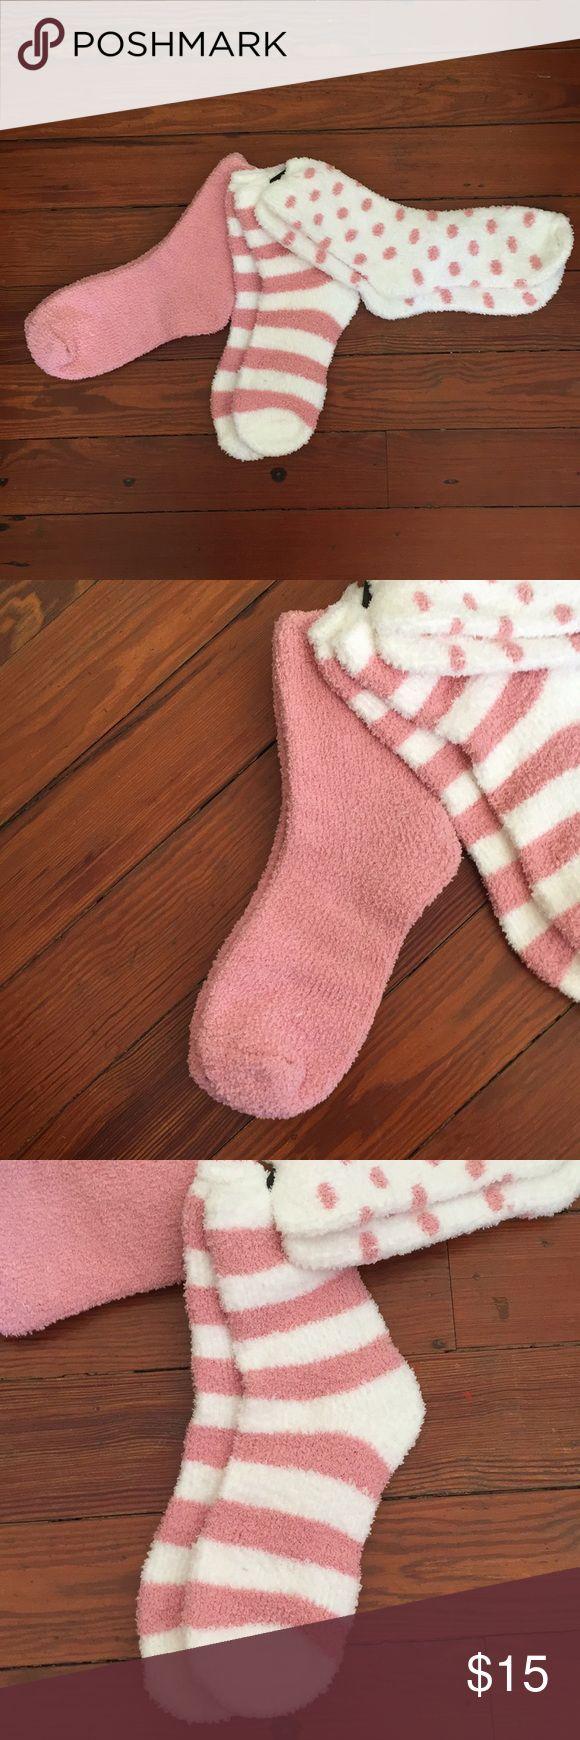 (Macy's) pack of 3 soft thick socks Brand new. Pack of 3 socks. Thick soft and warm. Macy's Accessories Hosiery & Socks